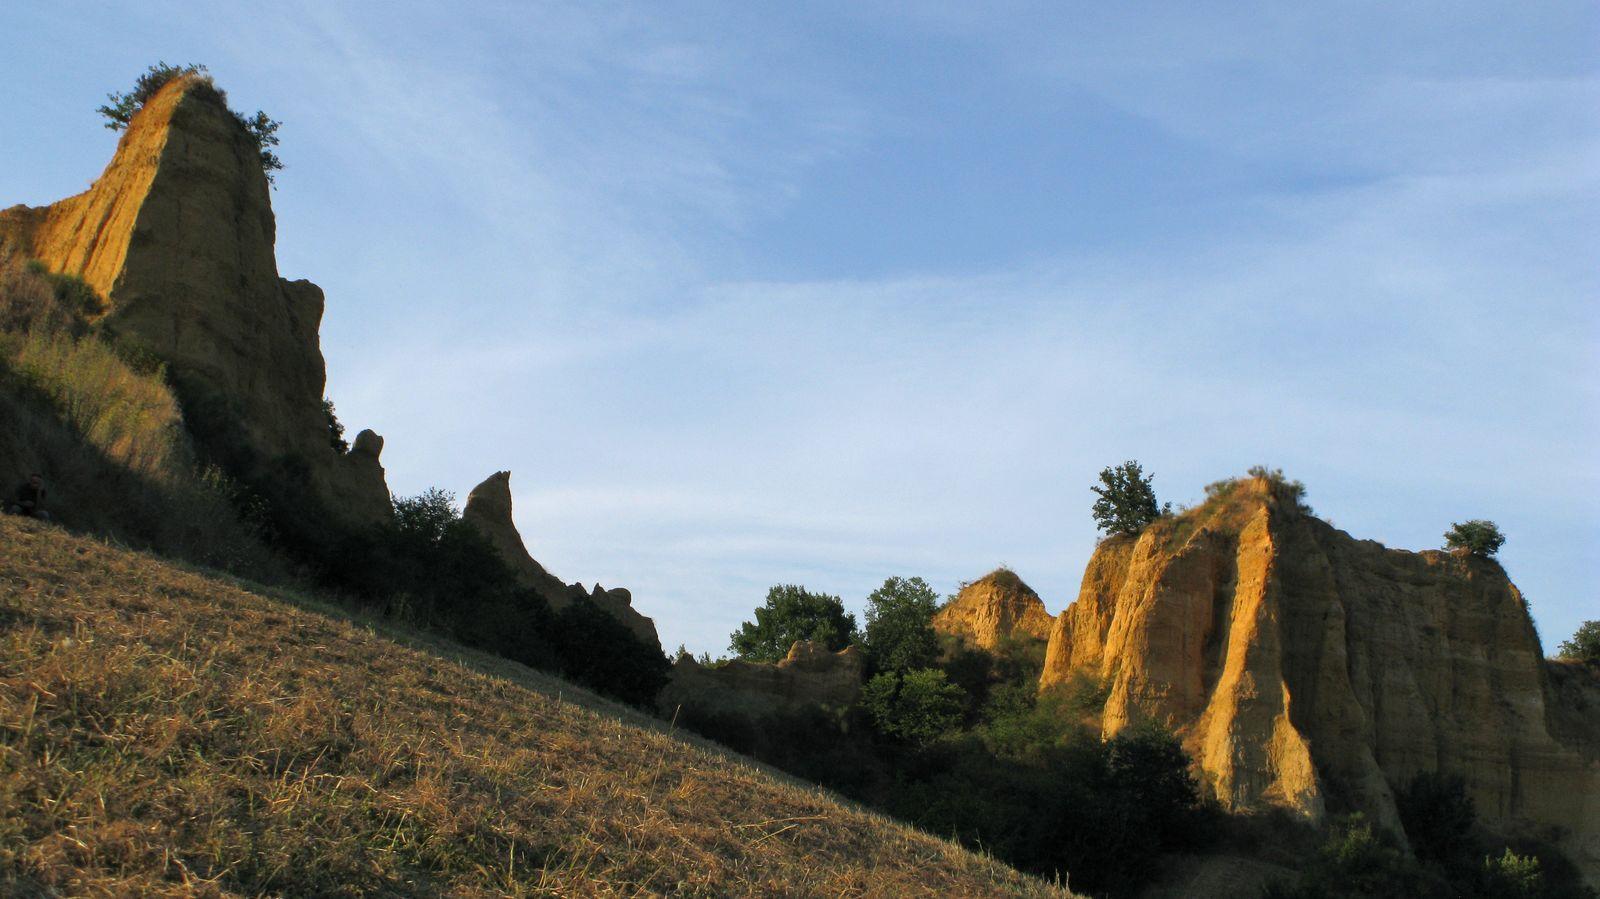 Castelfranco Piandiscò - Rime di un anonimo viaggiatore - Toscana Ovunque Bella